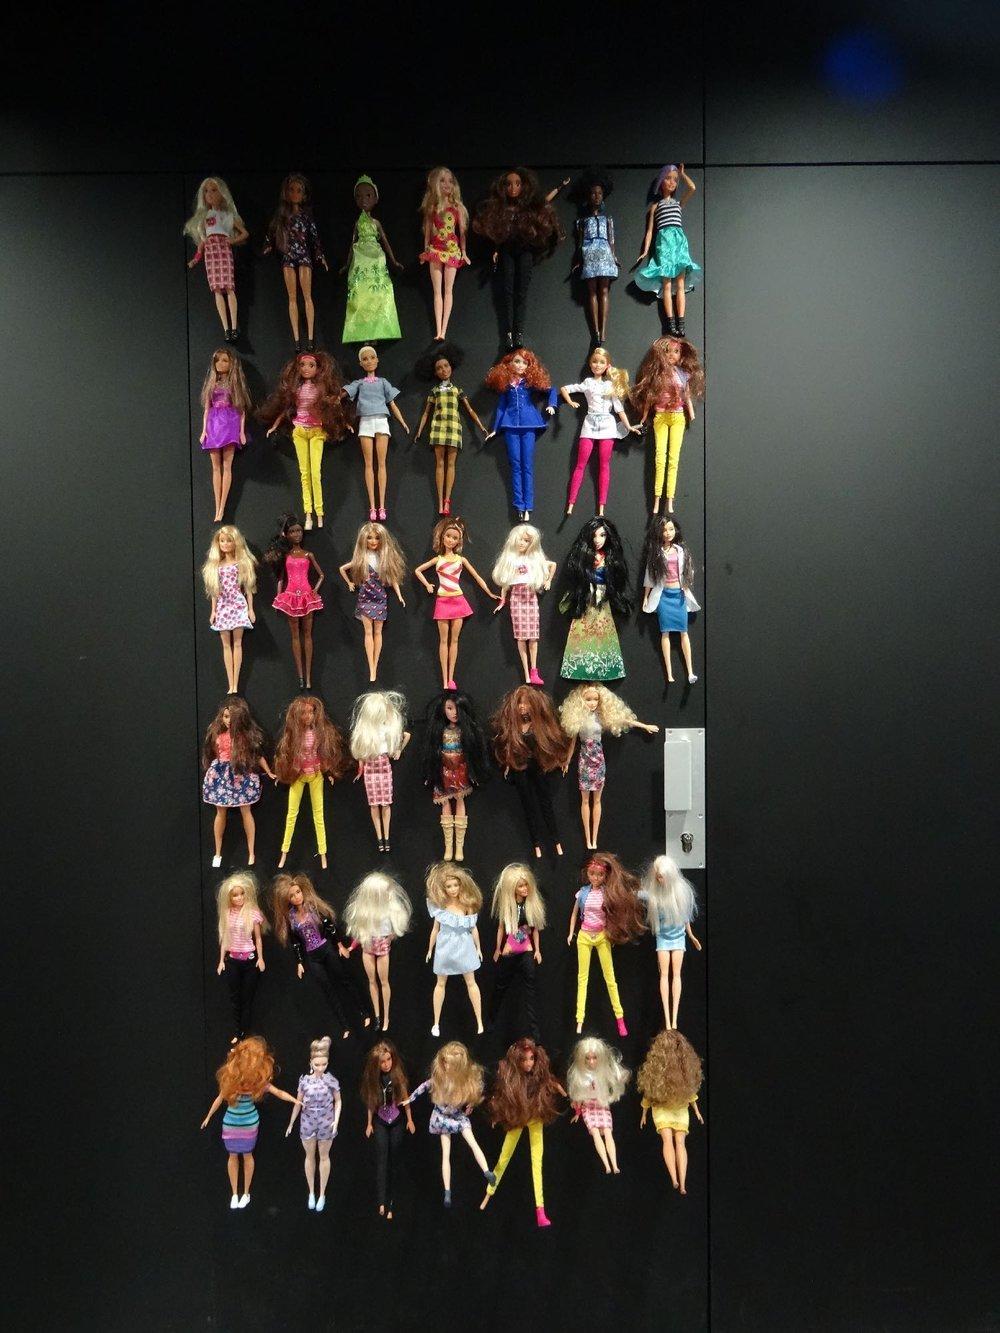 Toilettes Hommes avec poupées Ken | Toilettes La Felicita restaurant | Paris 11e | Holy Shit | photo sandrine cohen